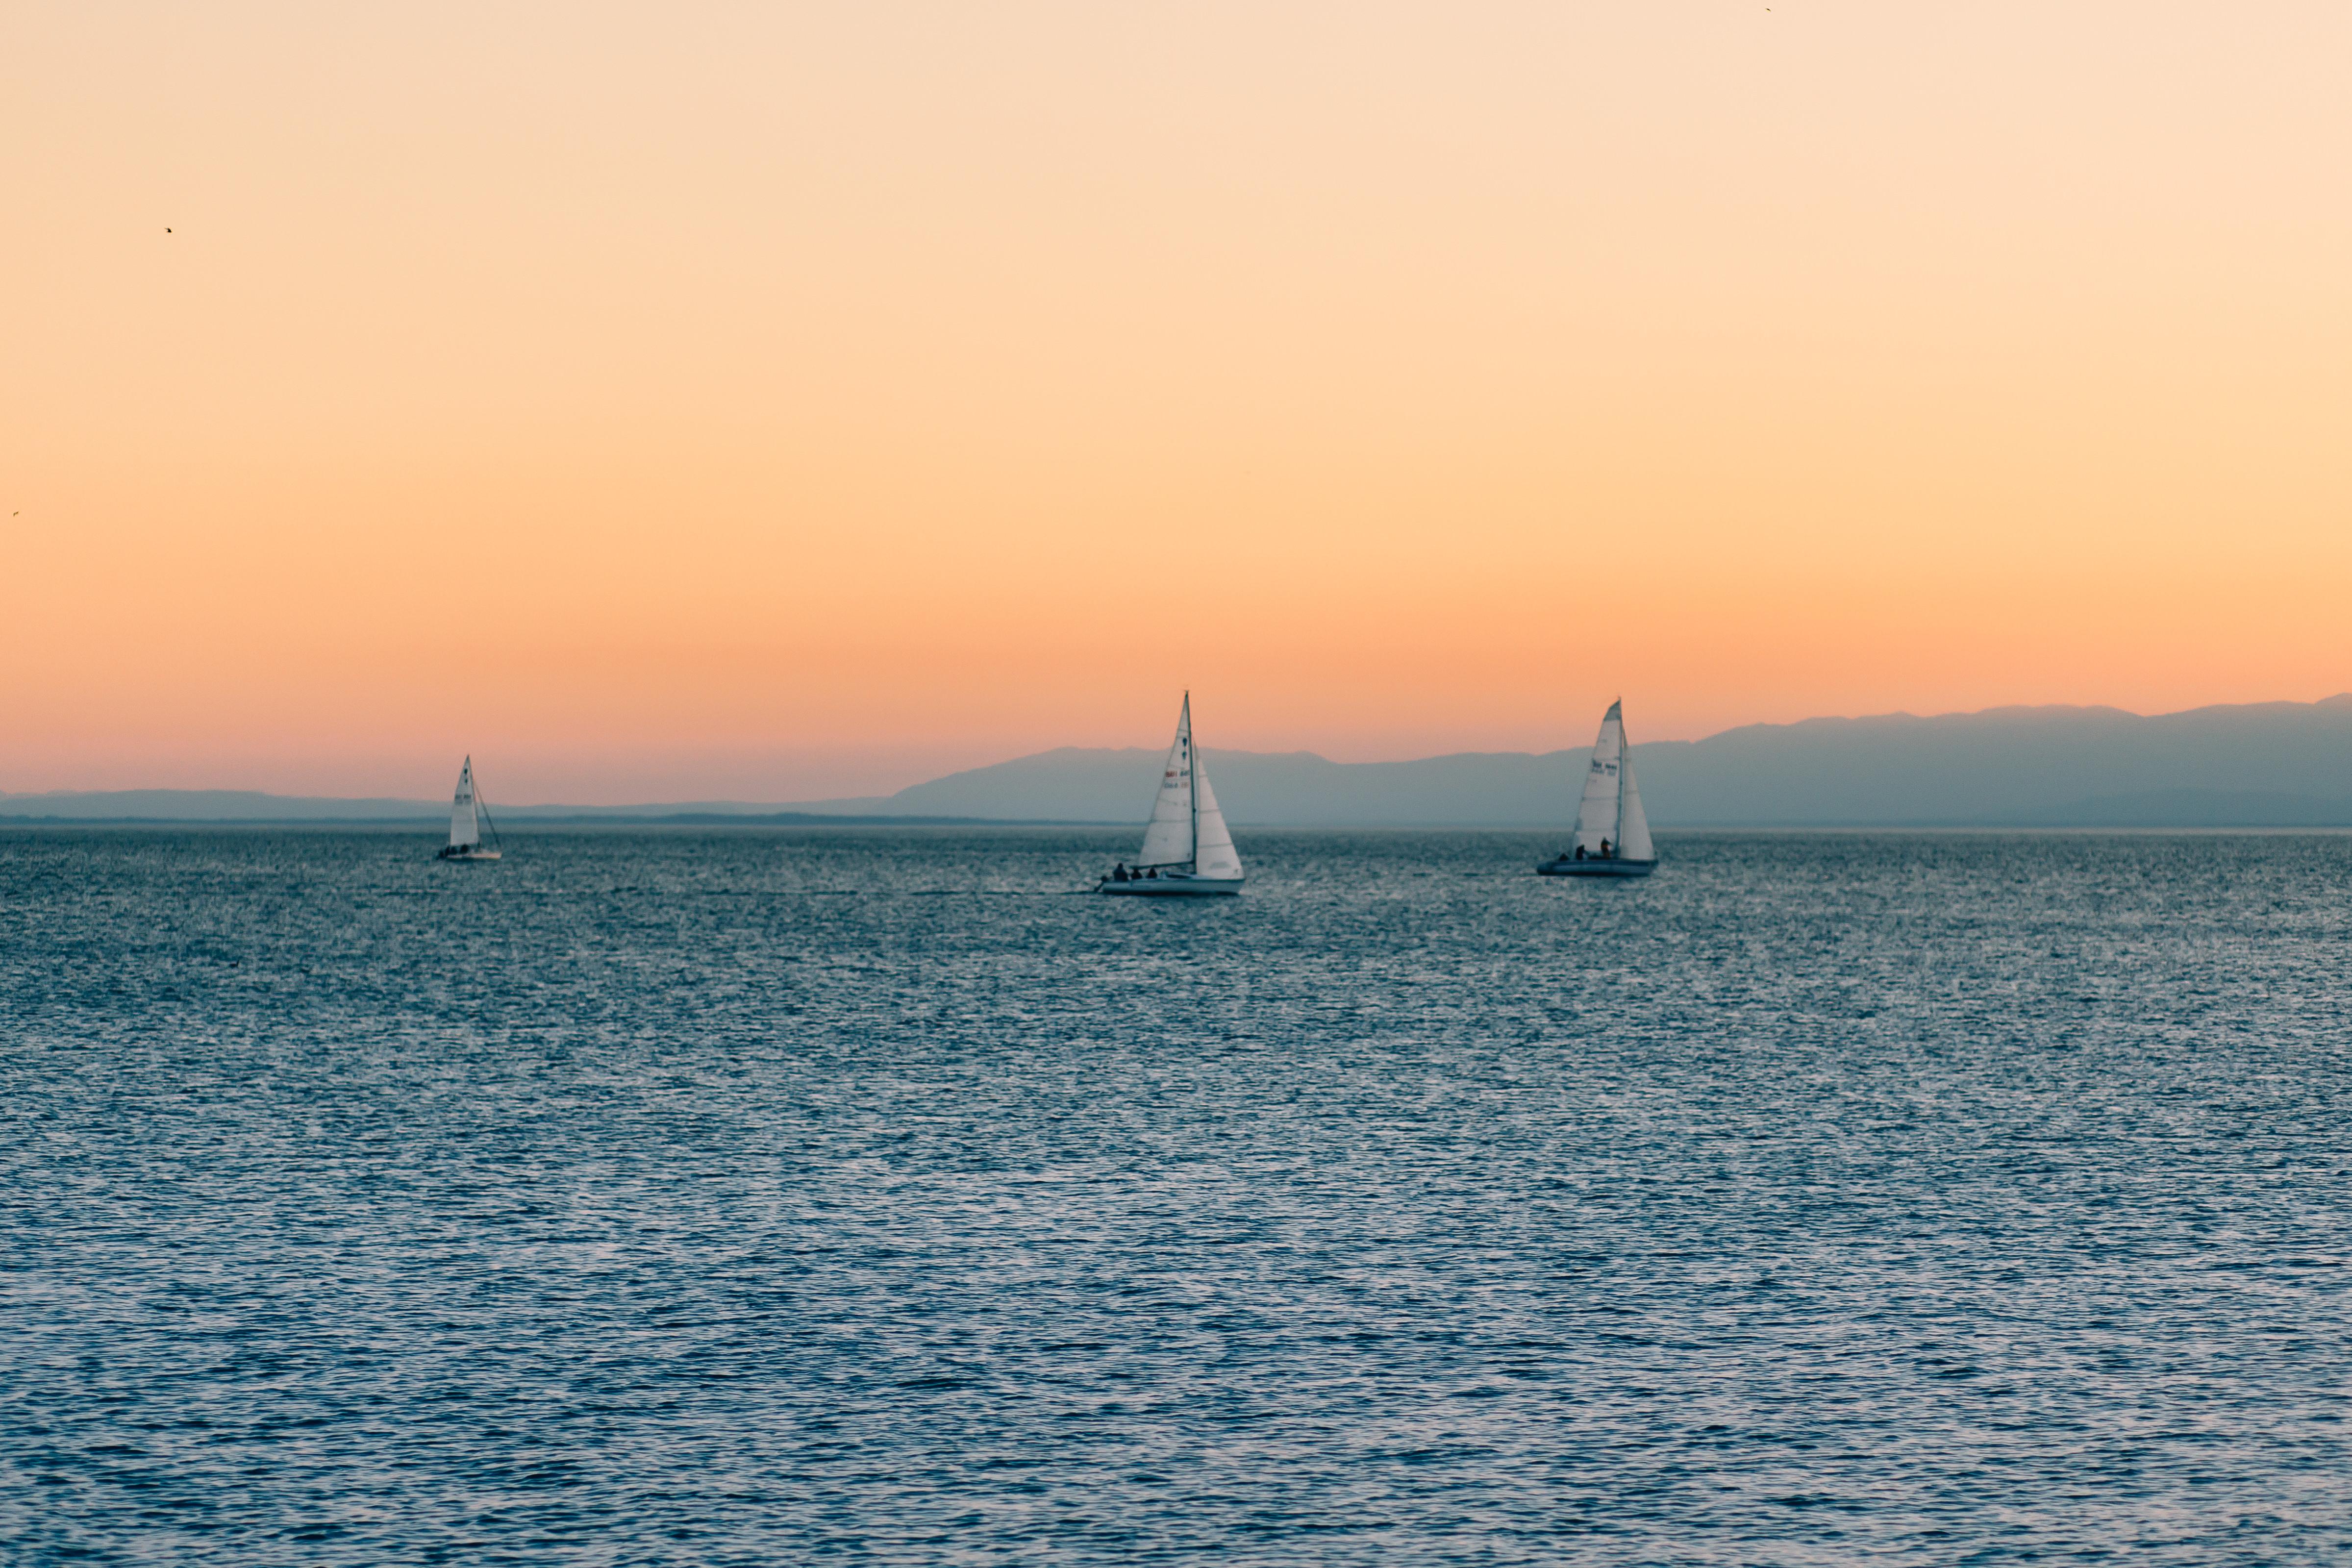 Sail boats photo